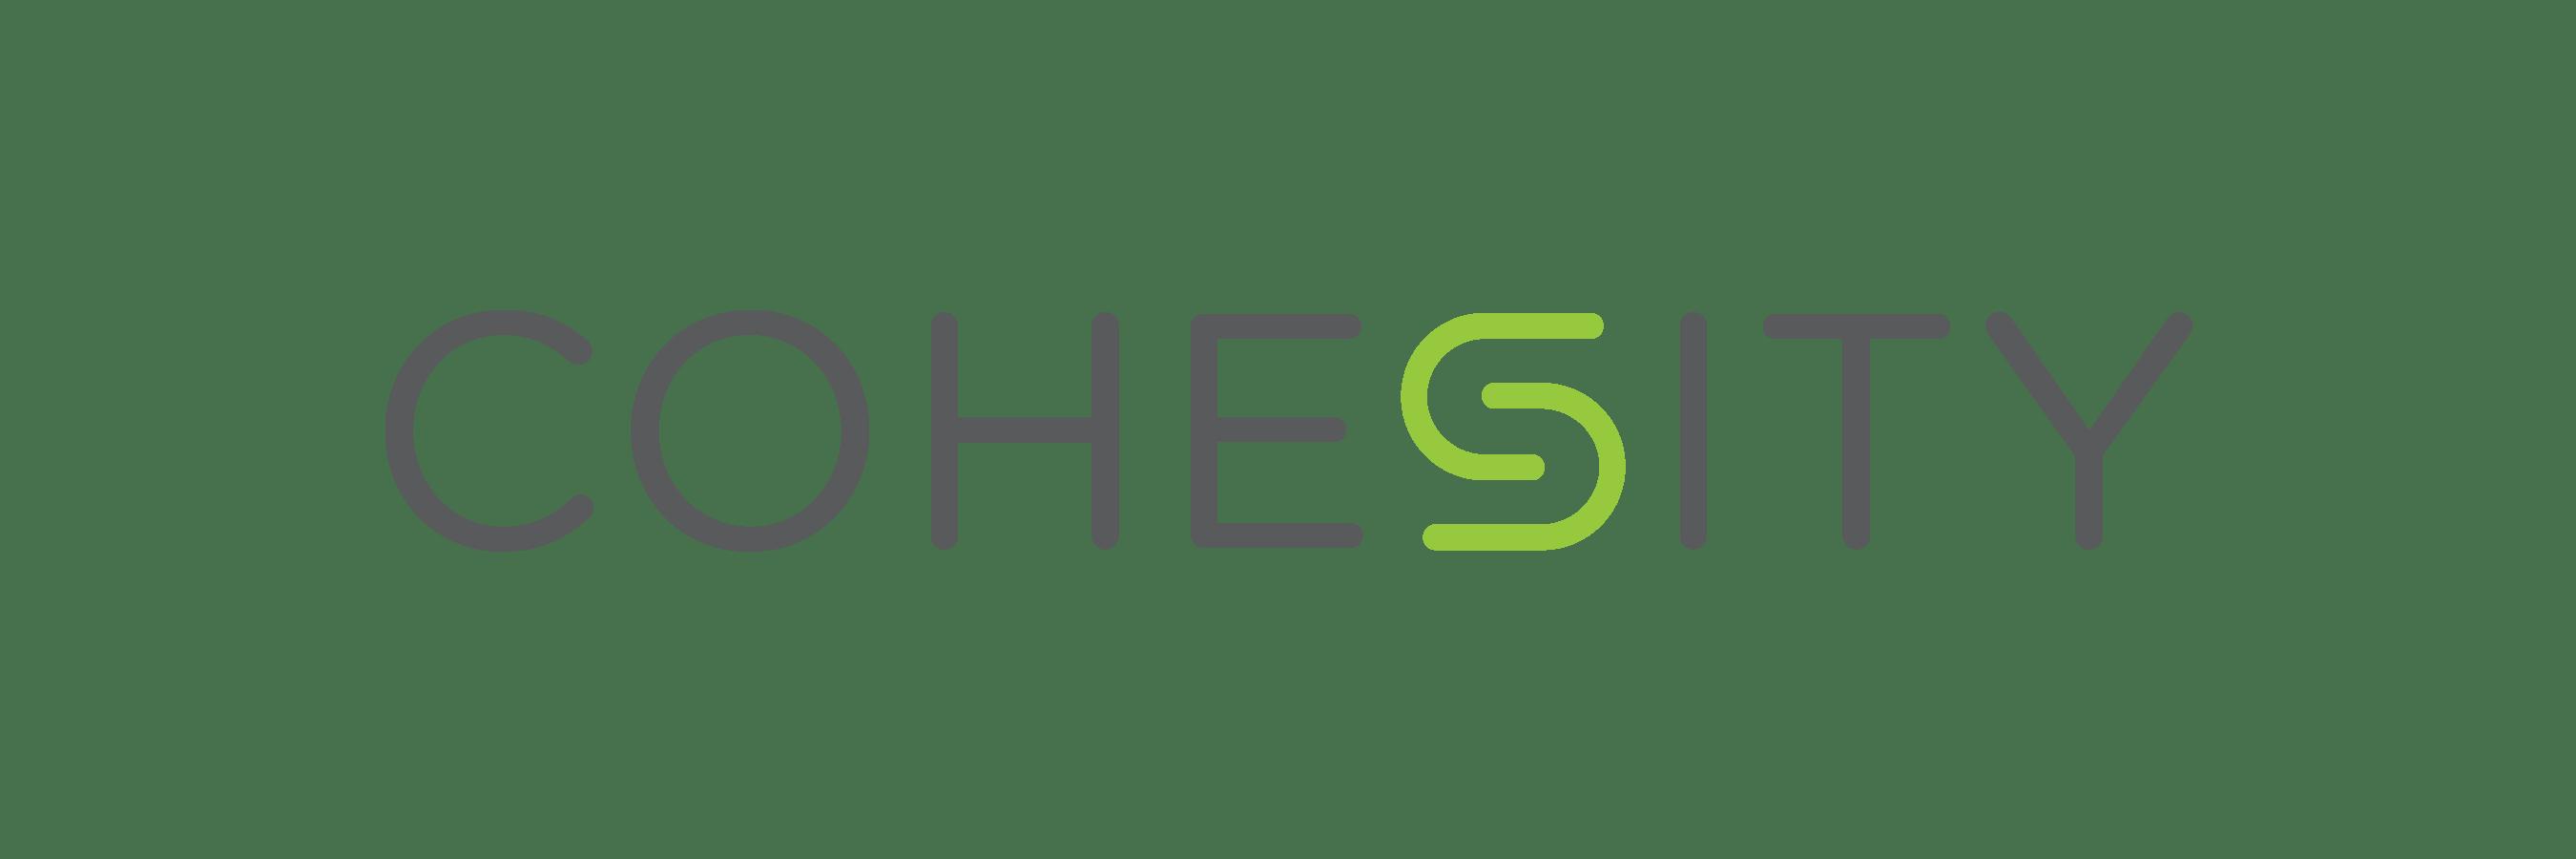 Cohesity company logo